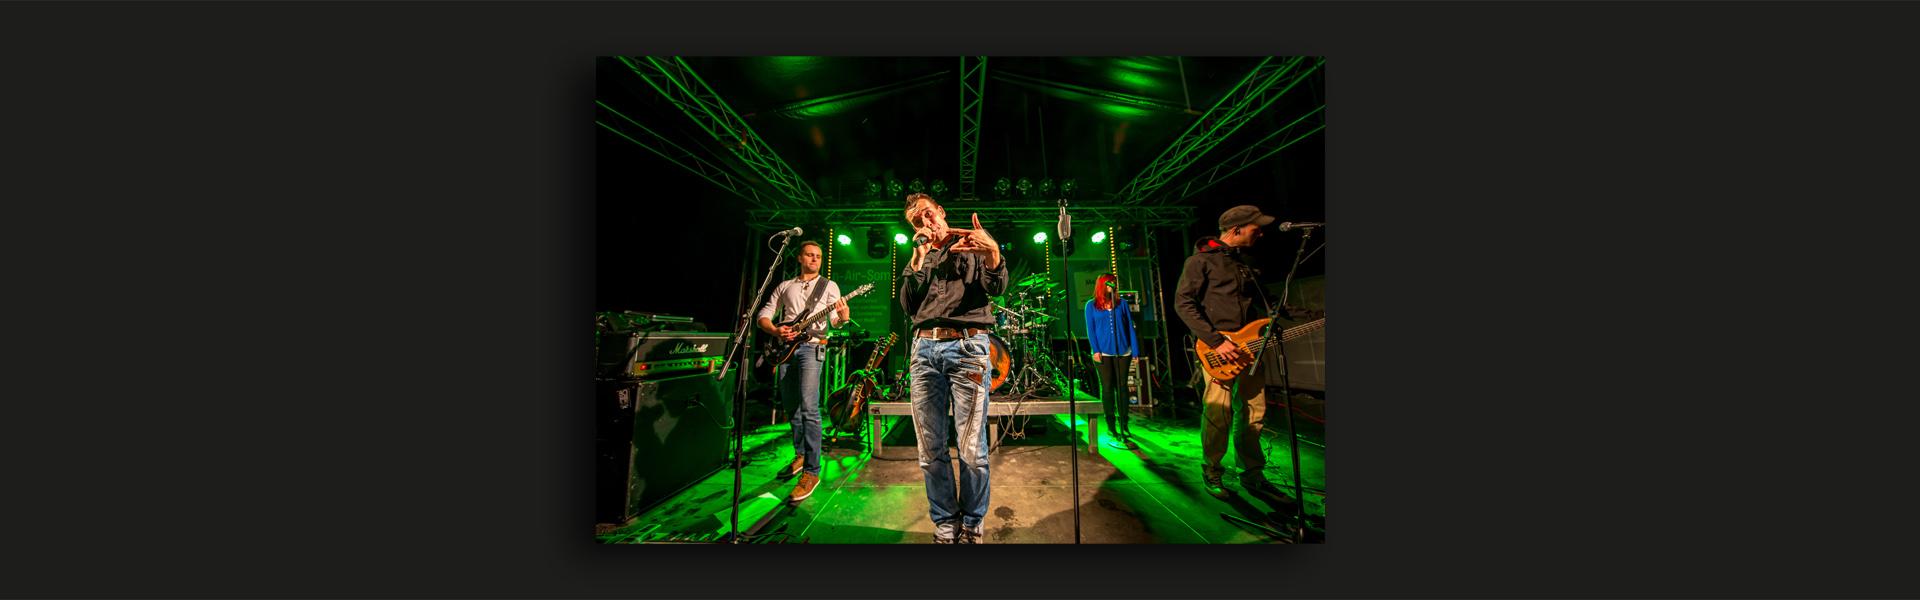 http://whynot-live.de/wp-content/uploads/2013/07/lichterfest2.jpg